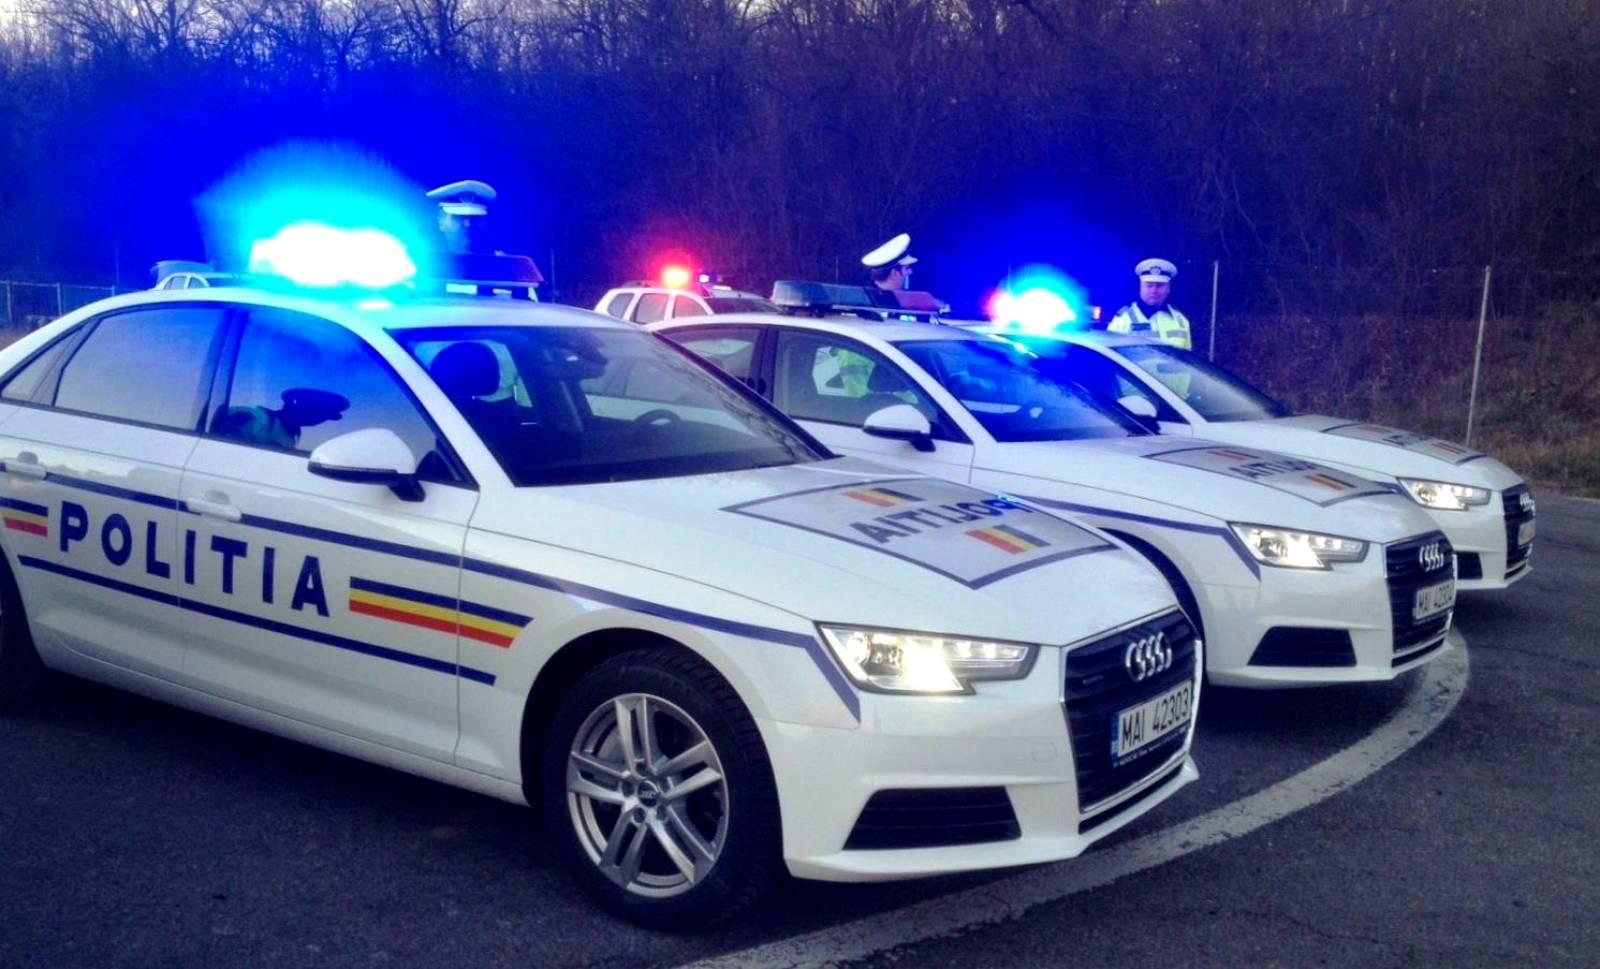 Politia Romana scoala